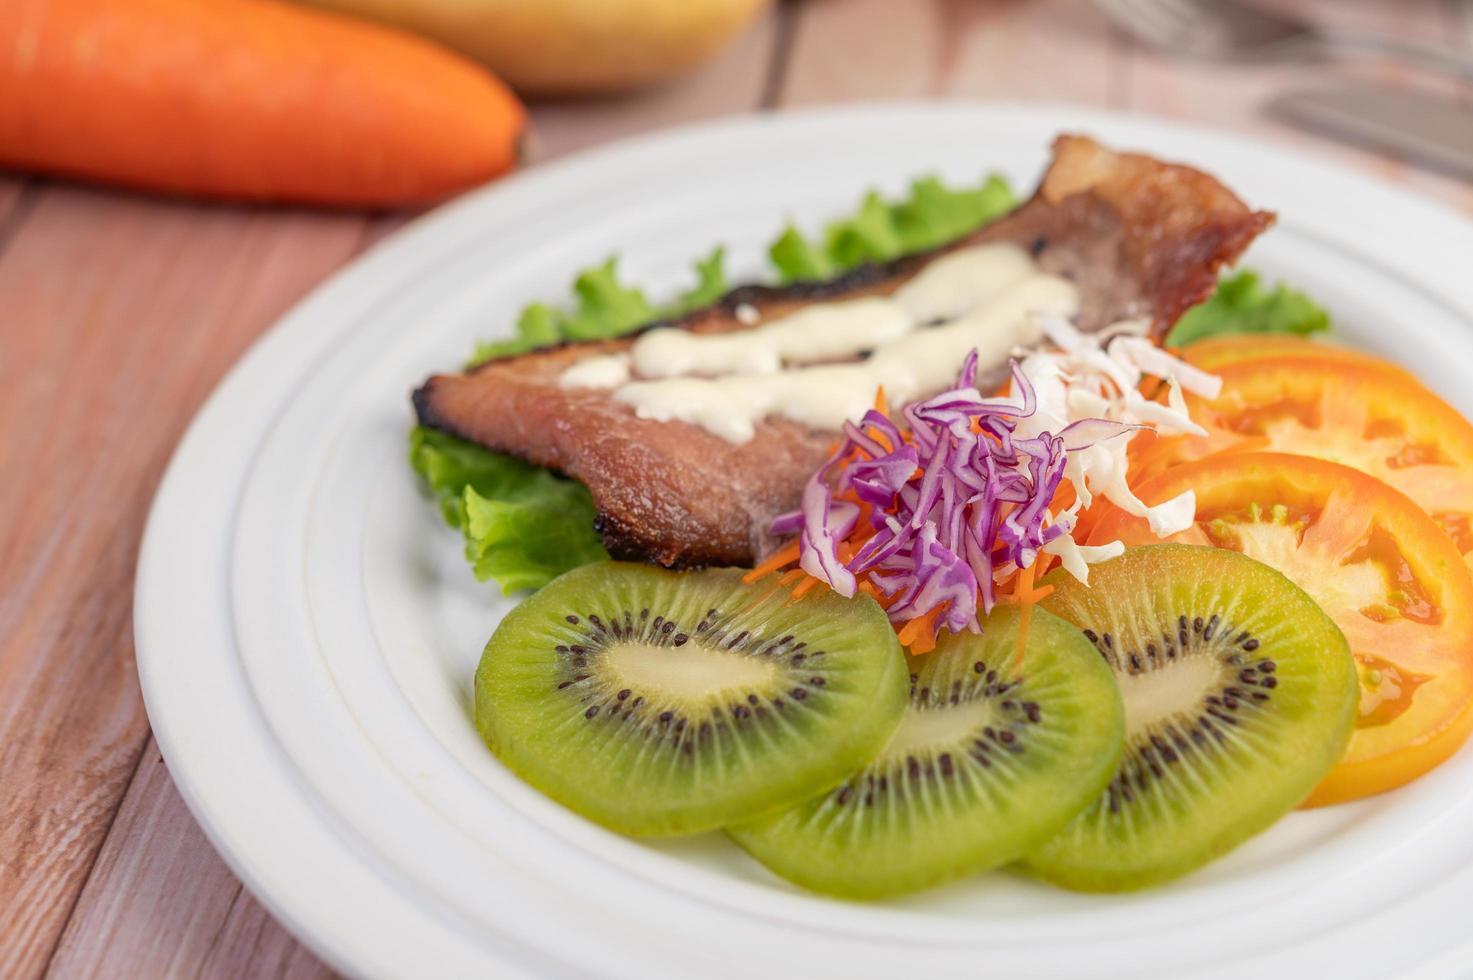 vis steak met frietjes en salade foto